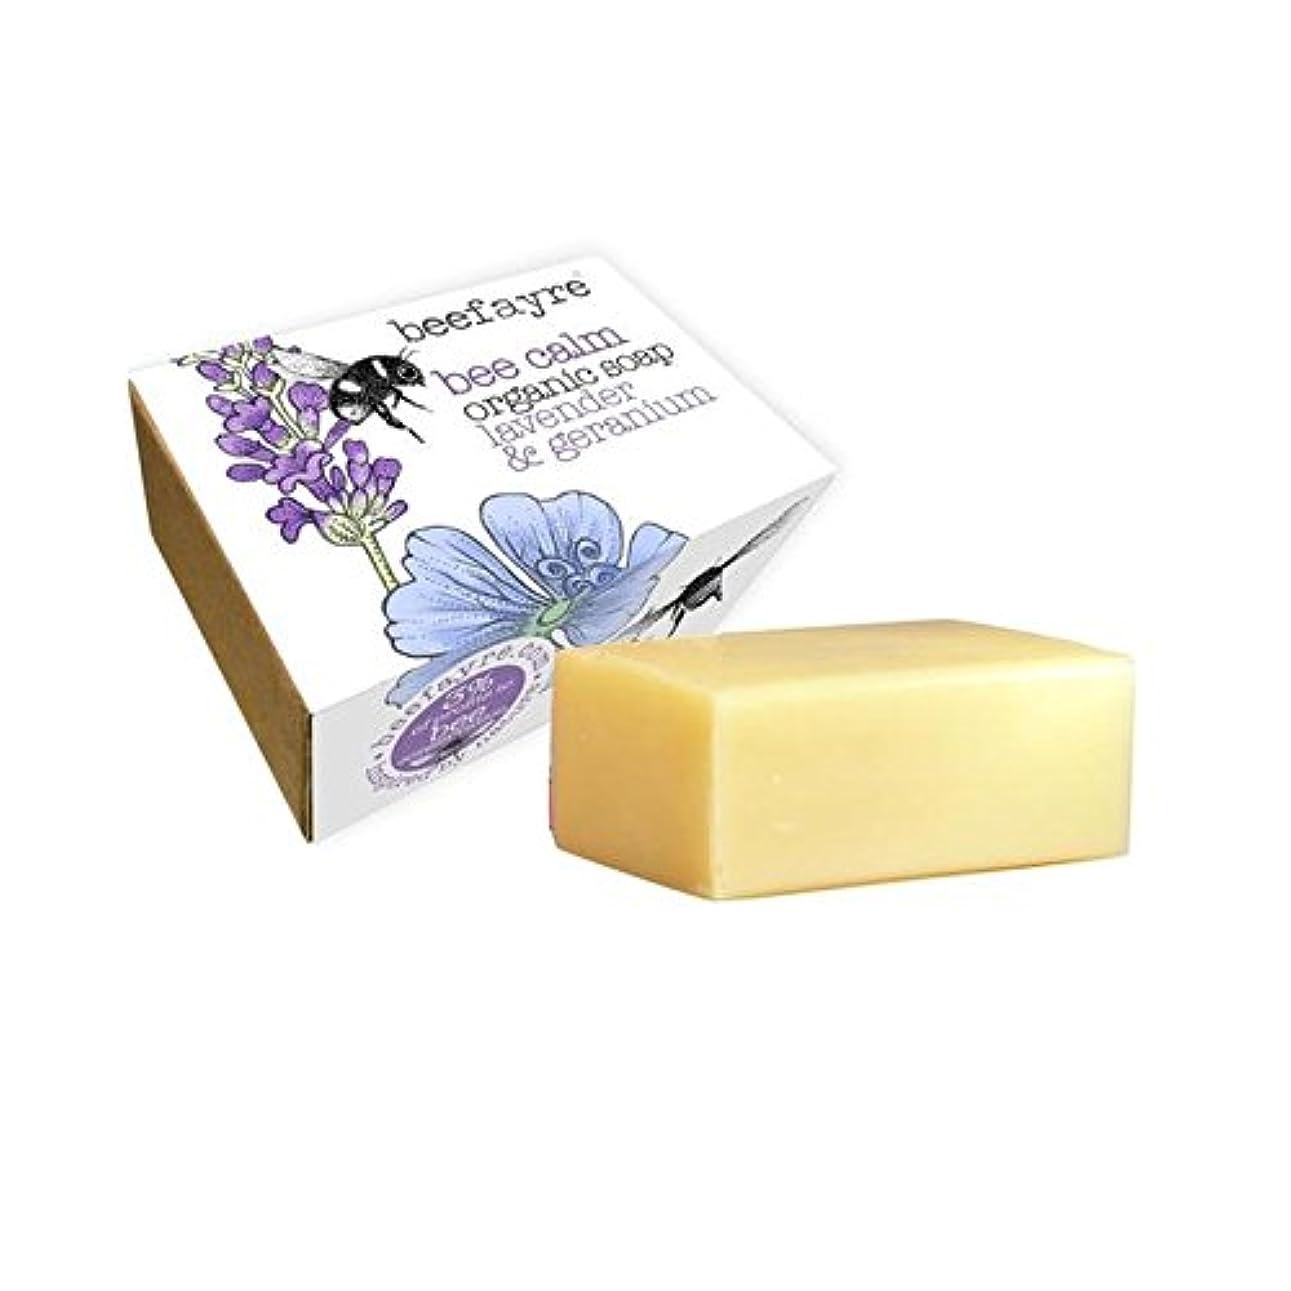 縫い目認めるふつう有機ゼラニウム&ラベンダー石鹸 x2 - Beefayre Organic Geranium & Lavender Soap (Pack of 2) [並行輸入品]